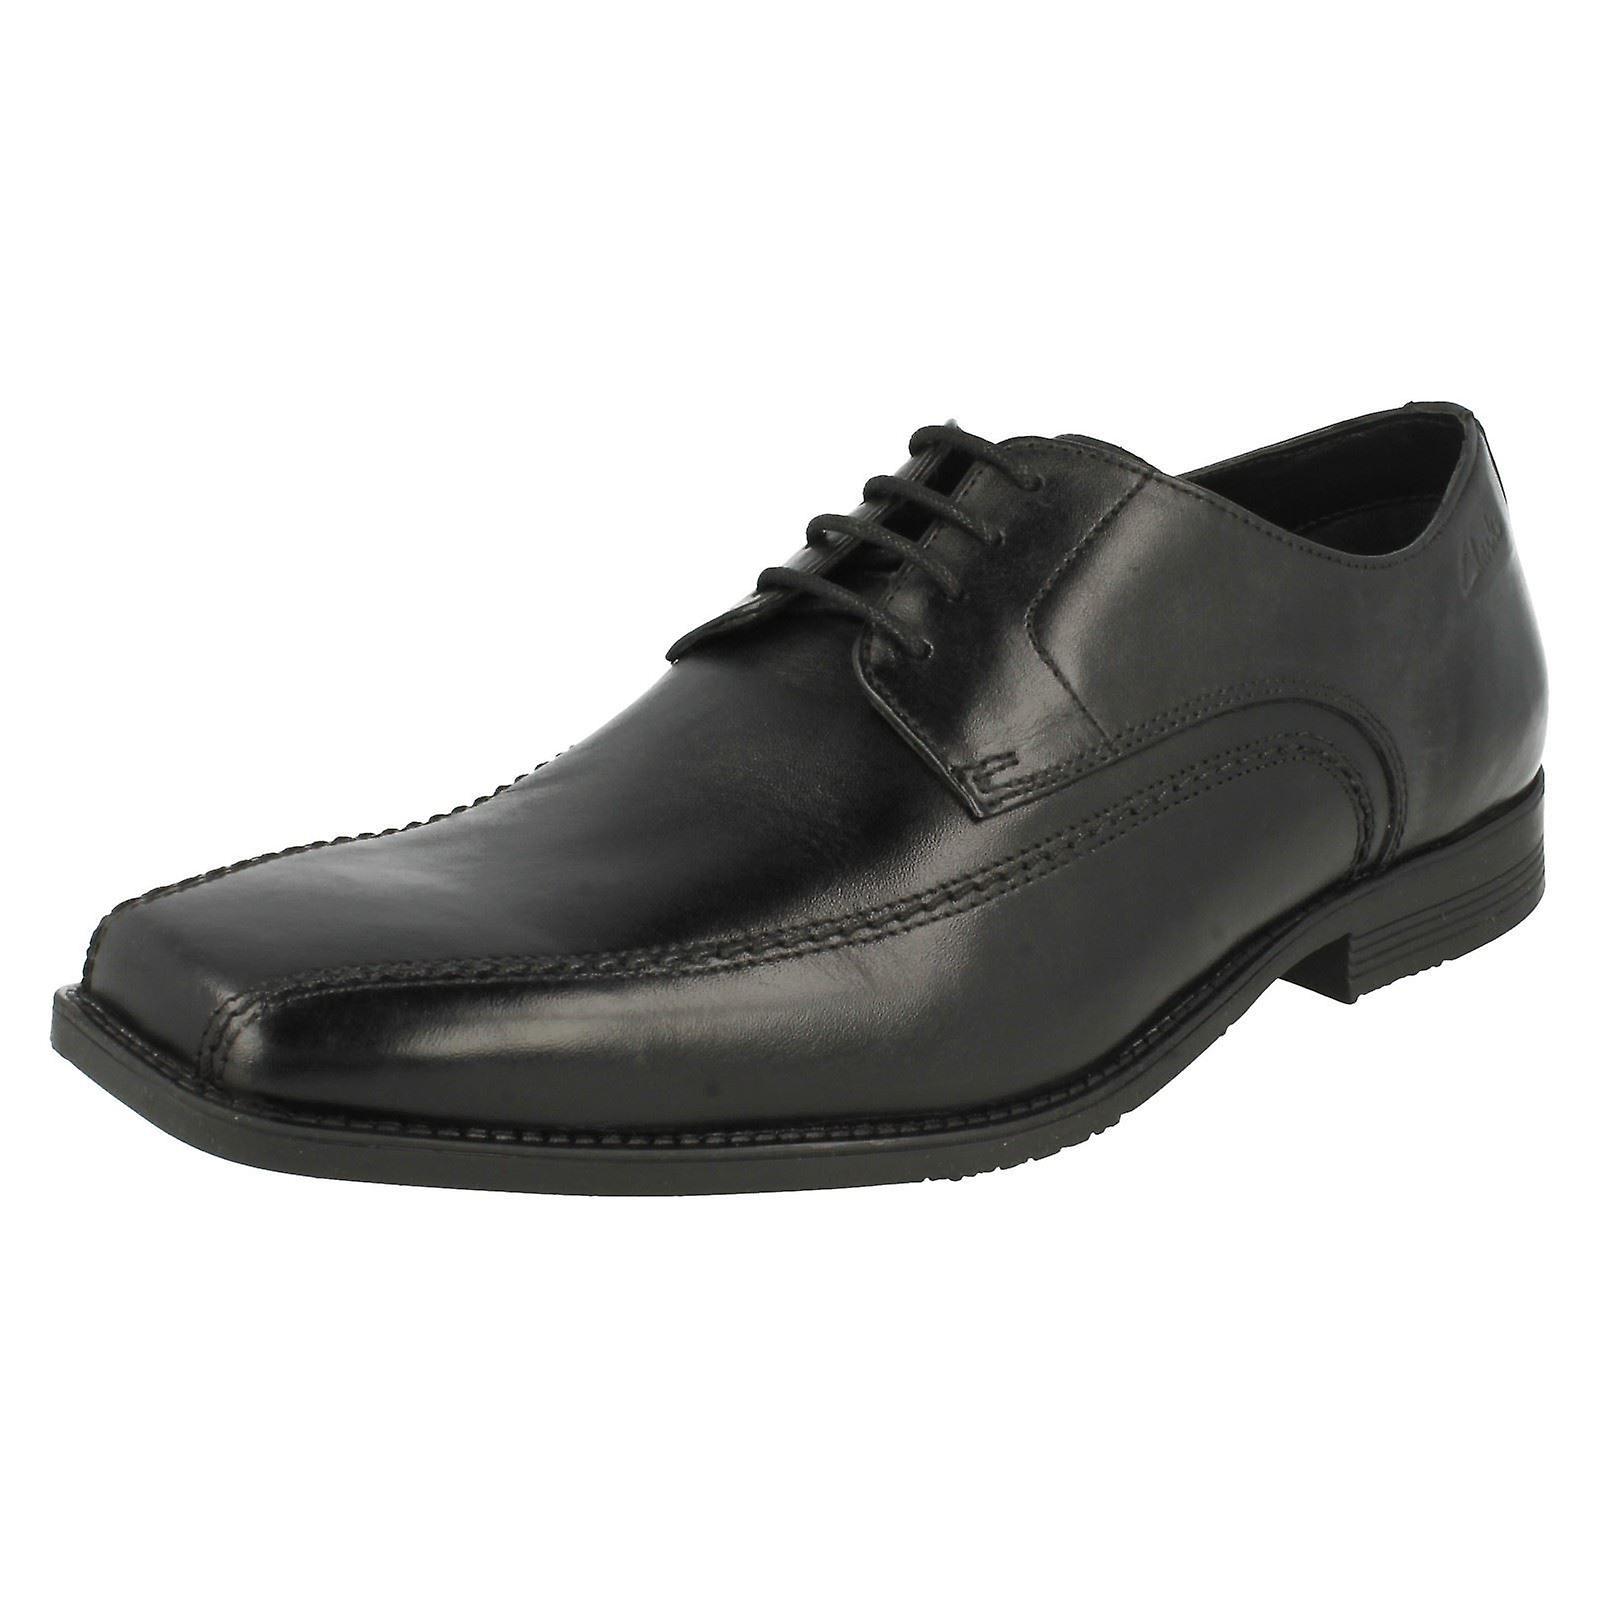 Mens Clarks Formal Lace Up scarpe Baker Lace | Negozio famoso  | Scolaro/Ragazze Scarpa